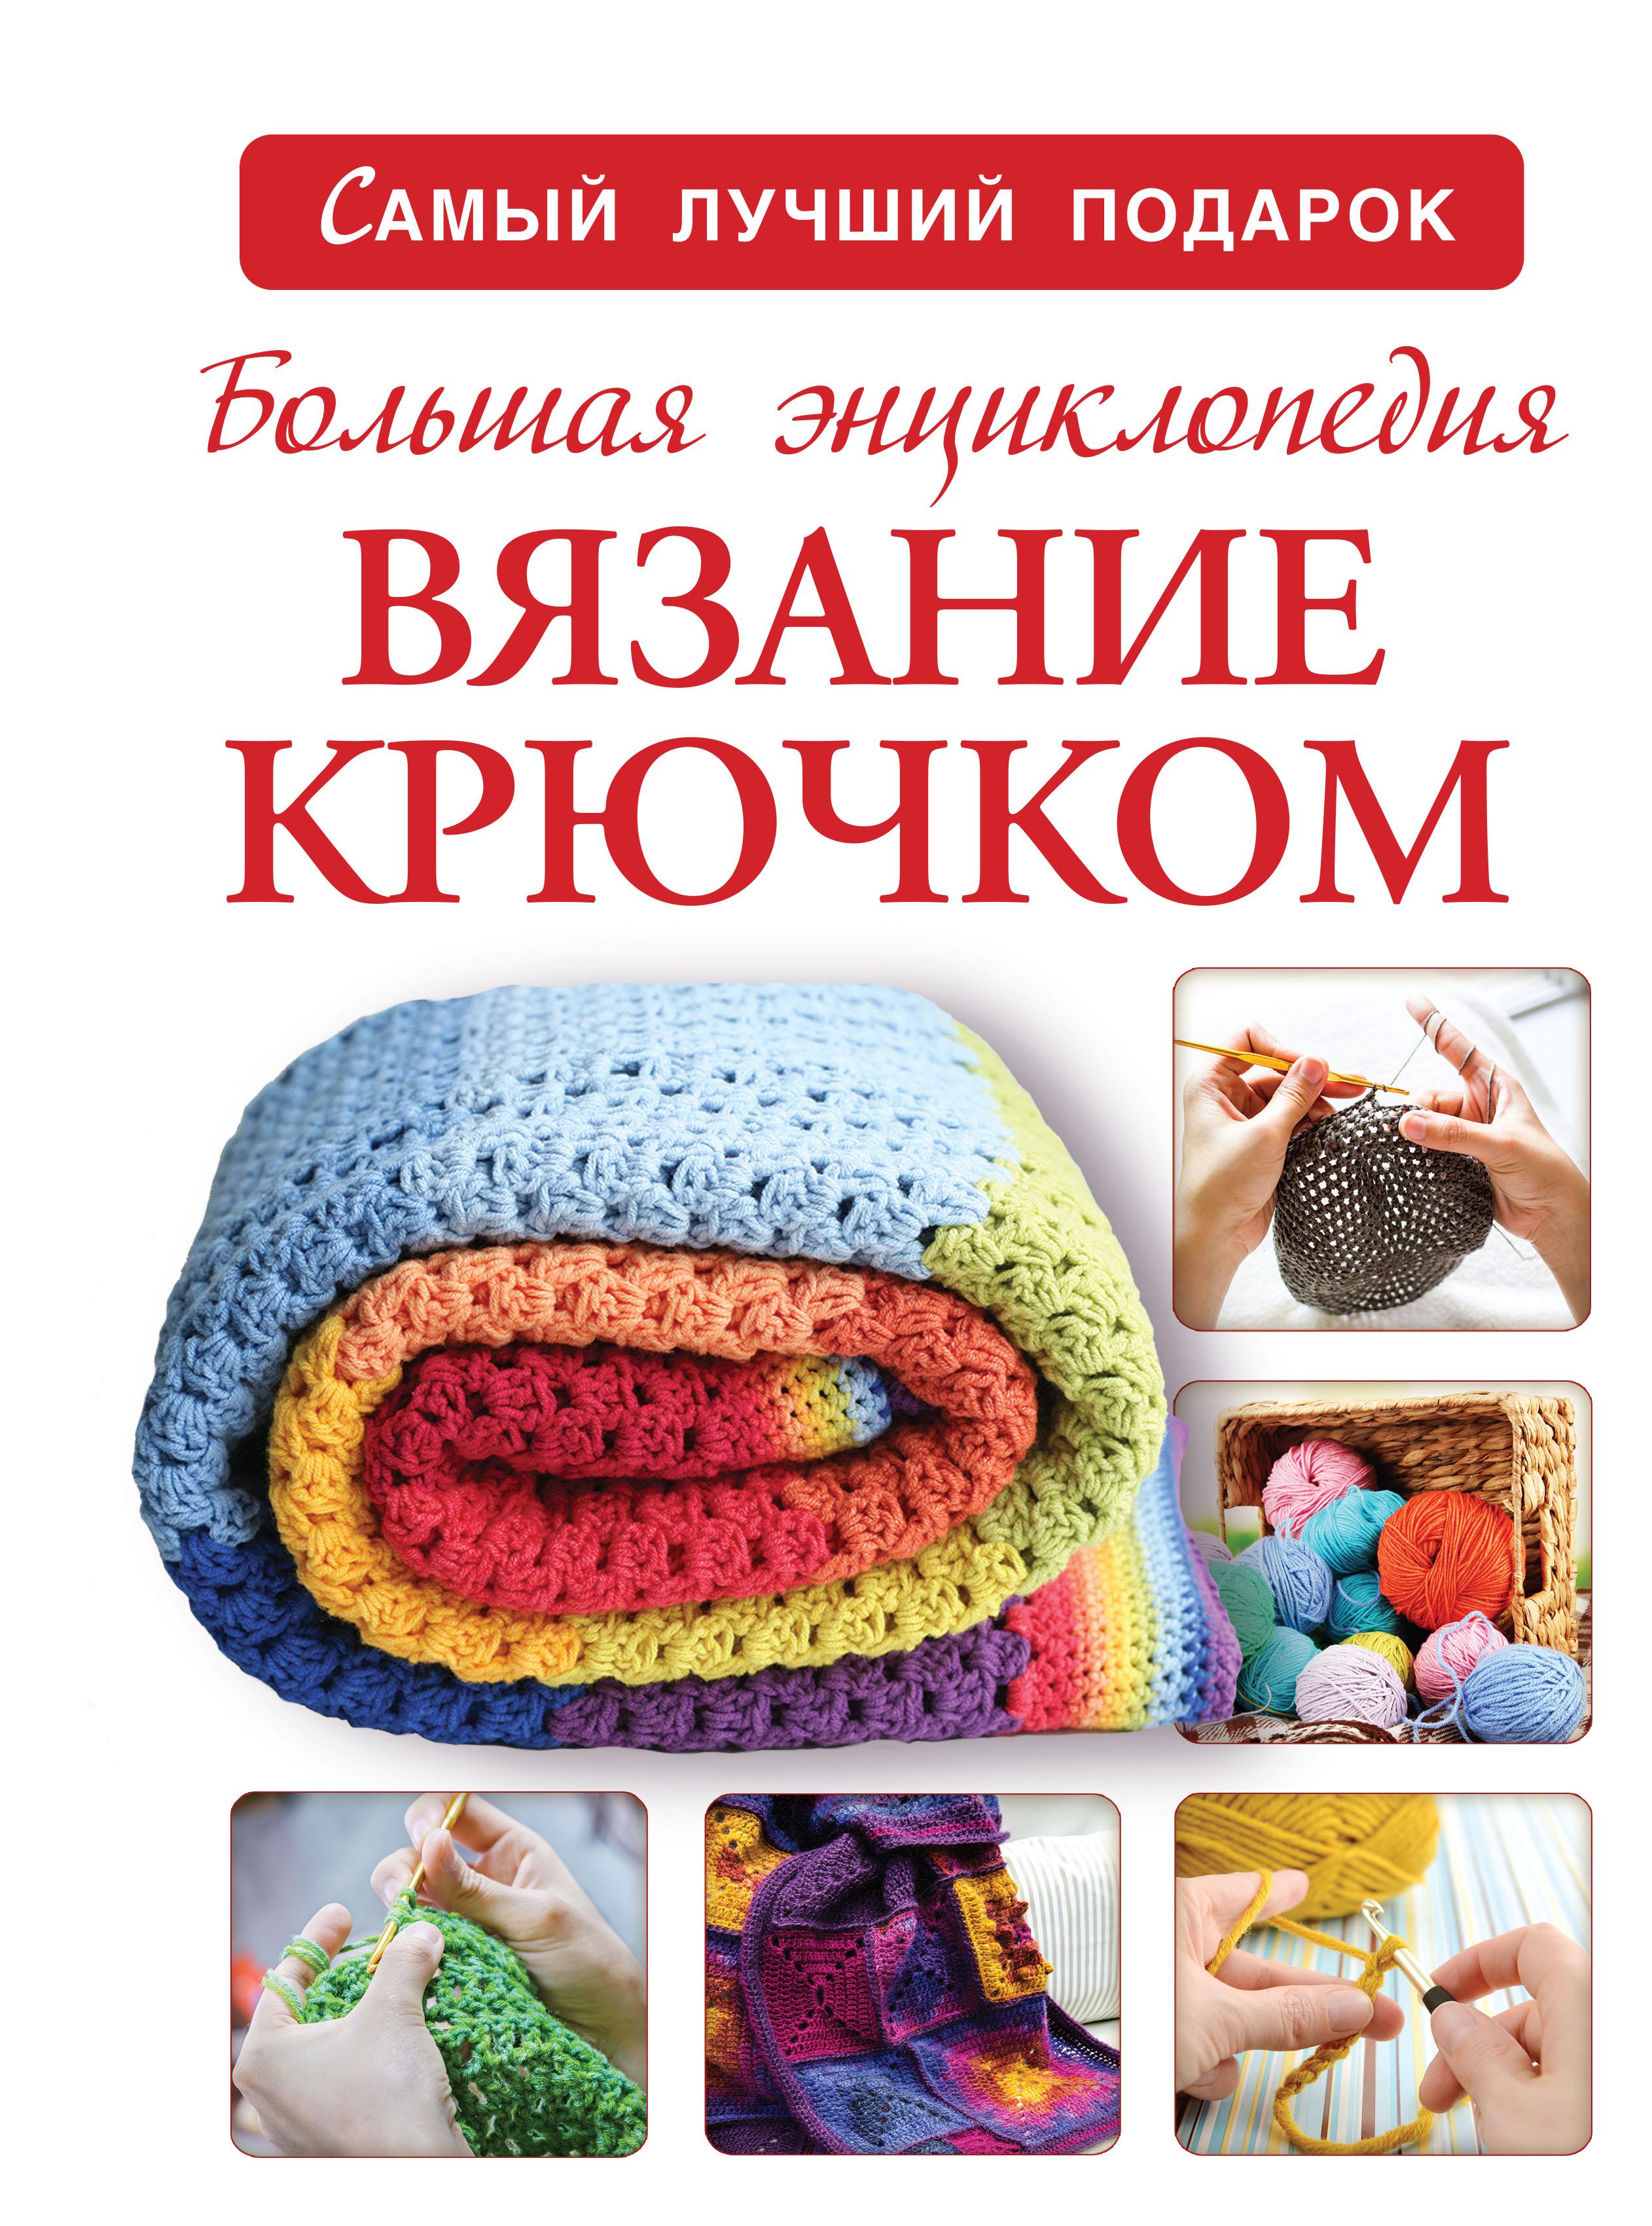 Михайлова Т.В. Большая энциклопедия. Вязание крючком